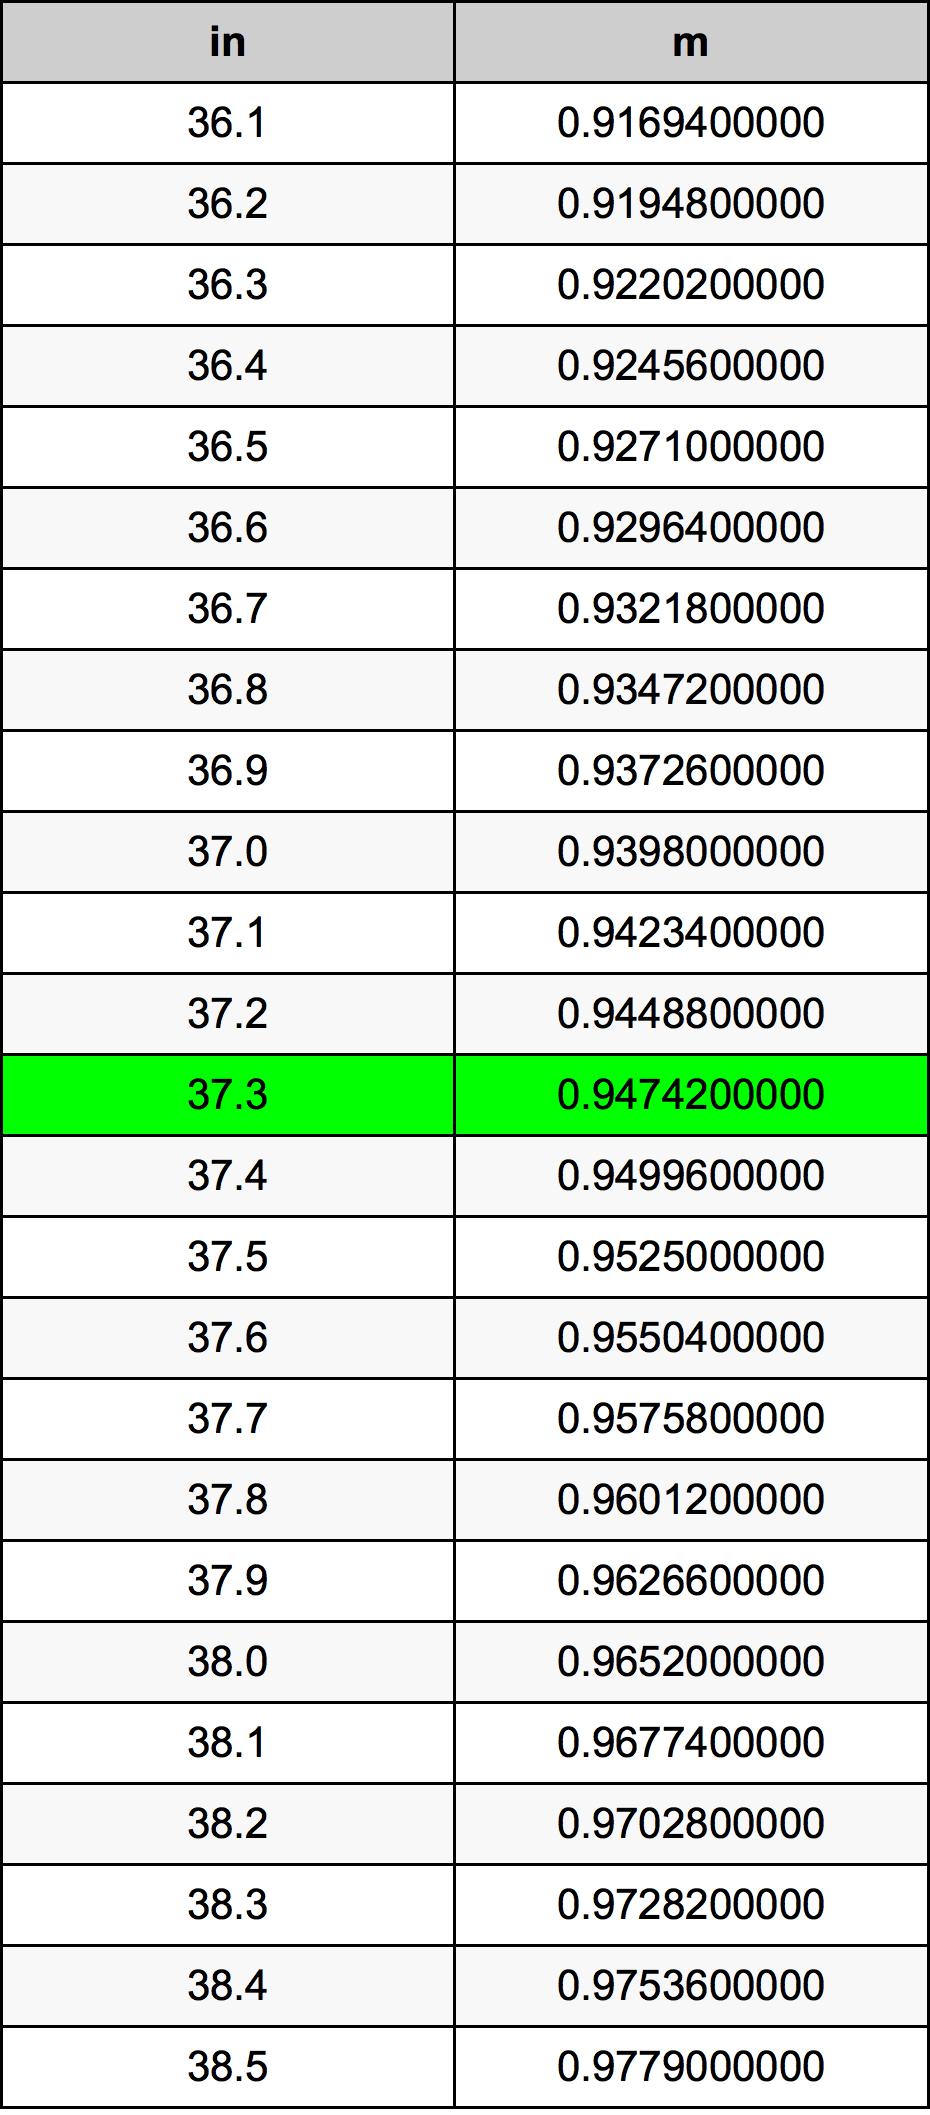 37.3 дюйм Таблиця перетворення